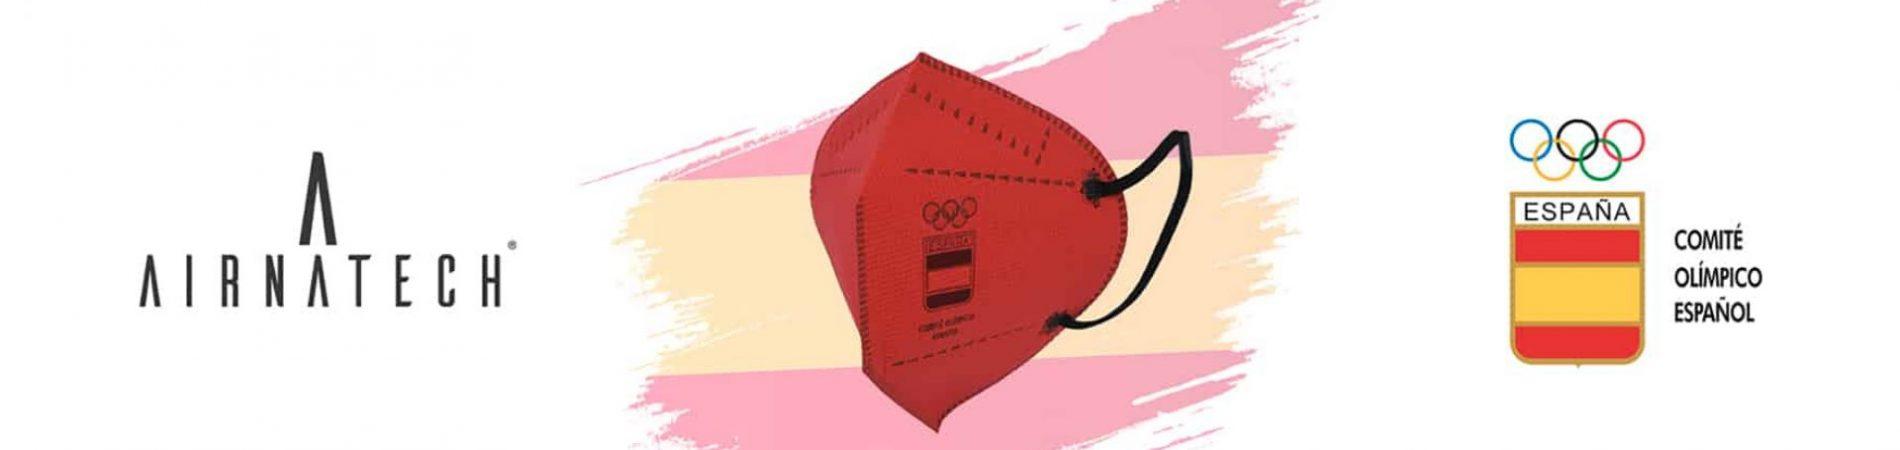 cropped-airnatech-mascarilla-de-las-olimpiadas-copia-2.jpg